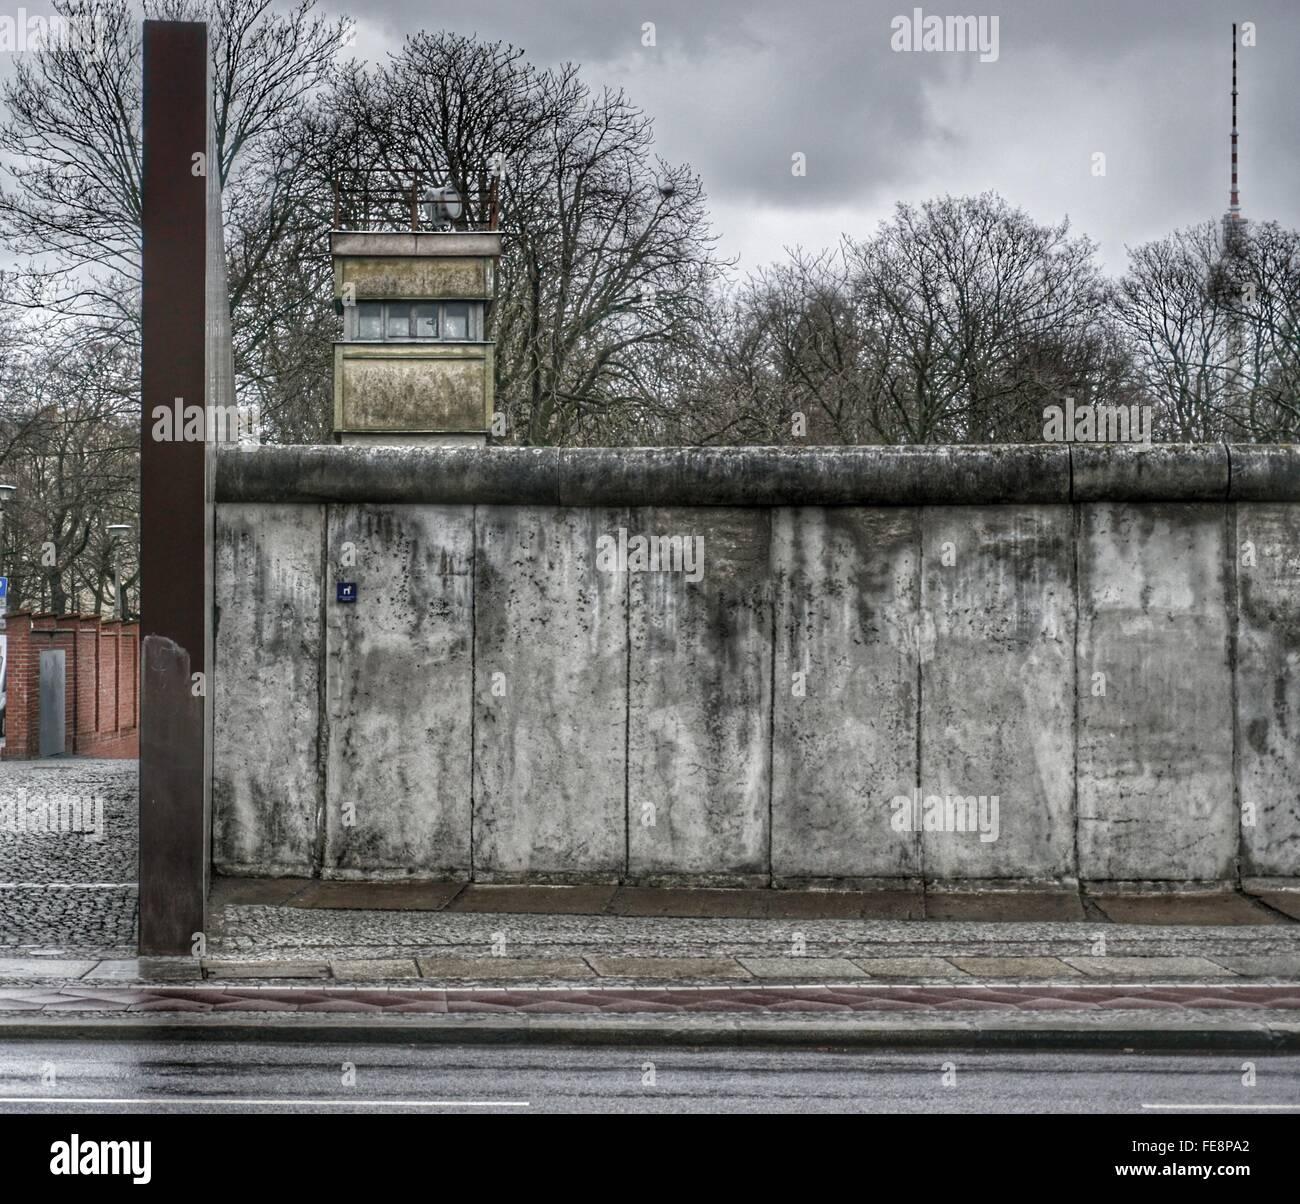 Reste der Berliner Mauer, Berlin, Deutschland Stockbild